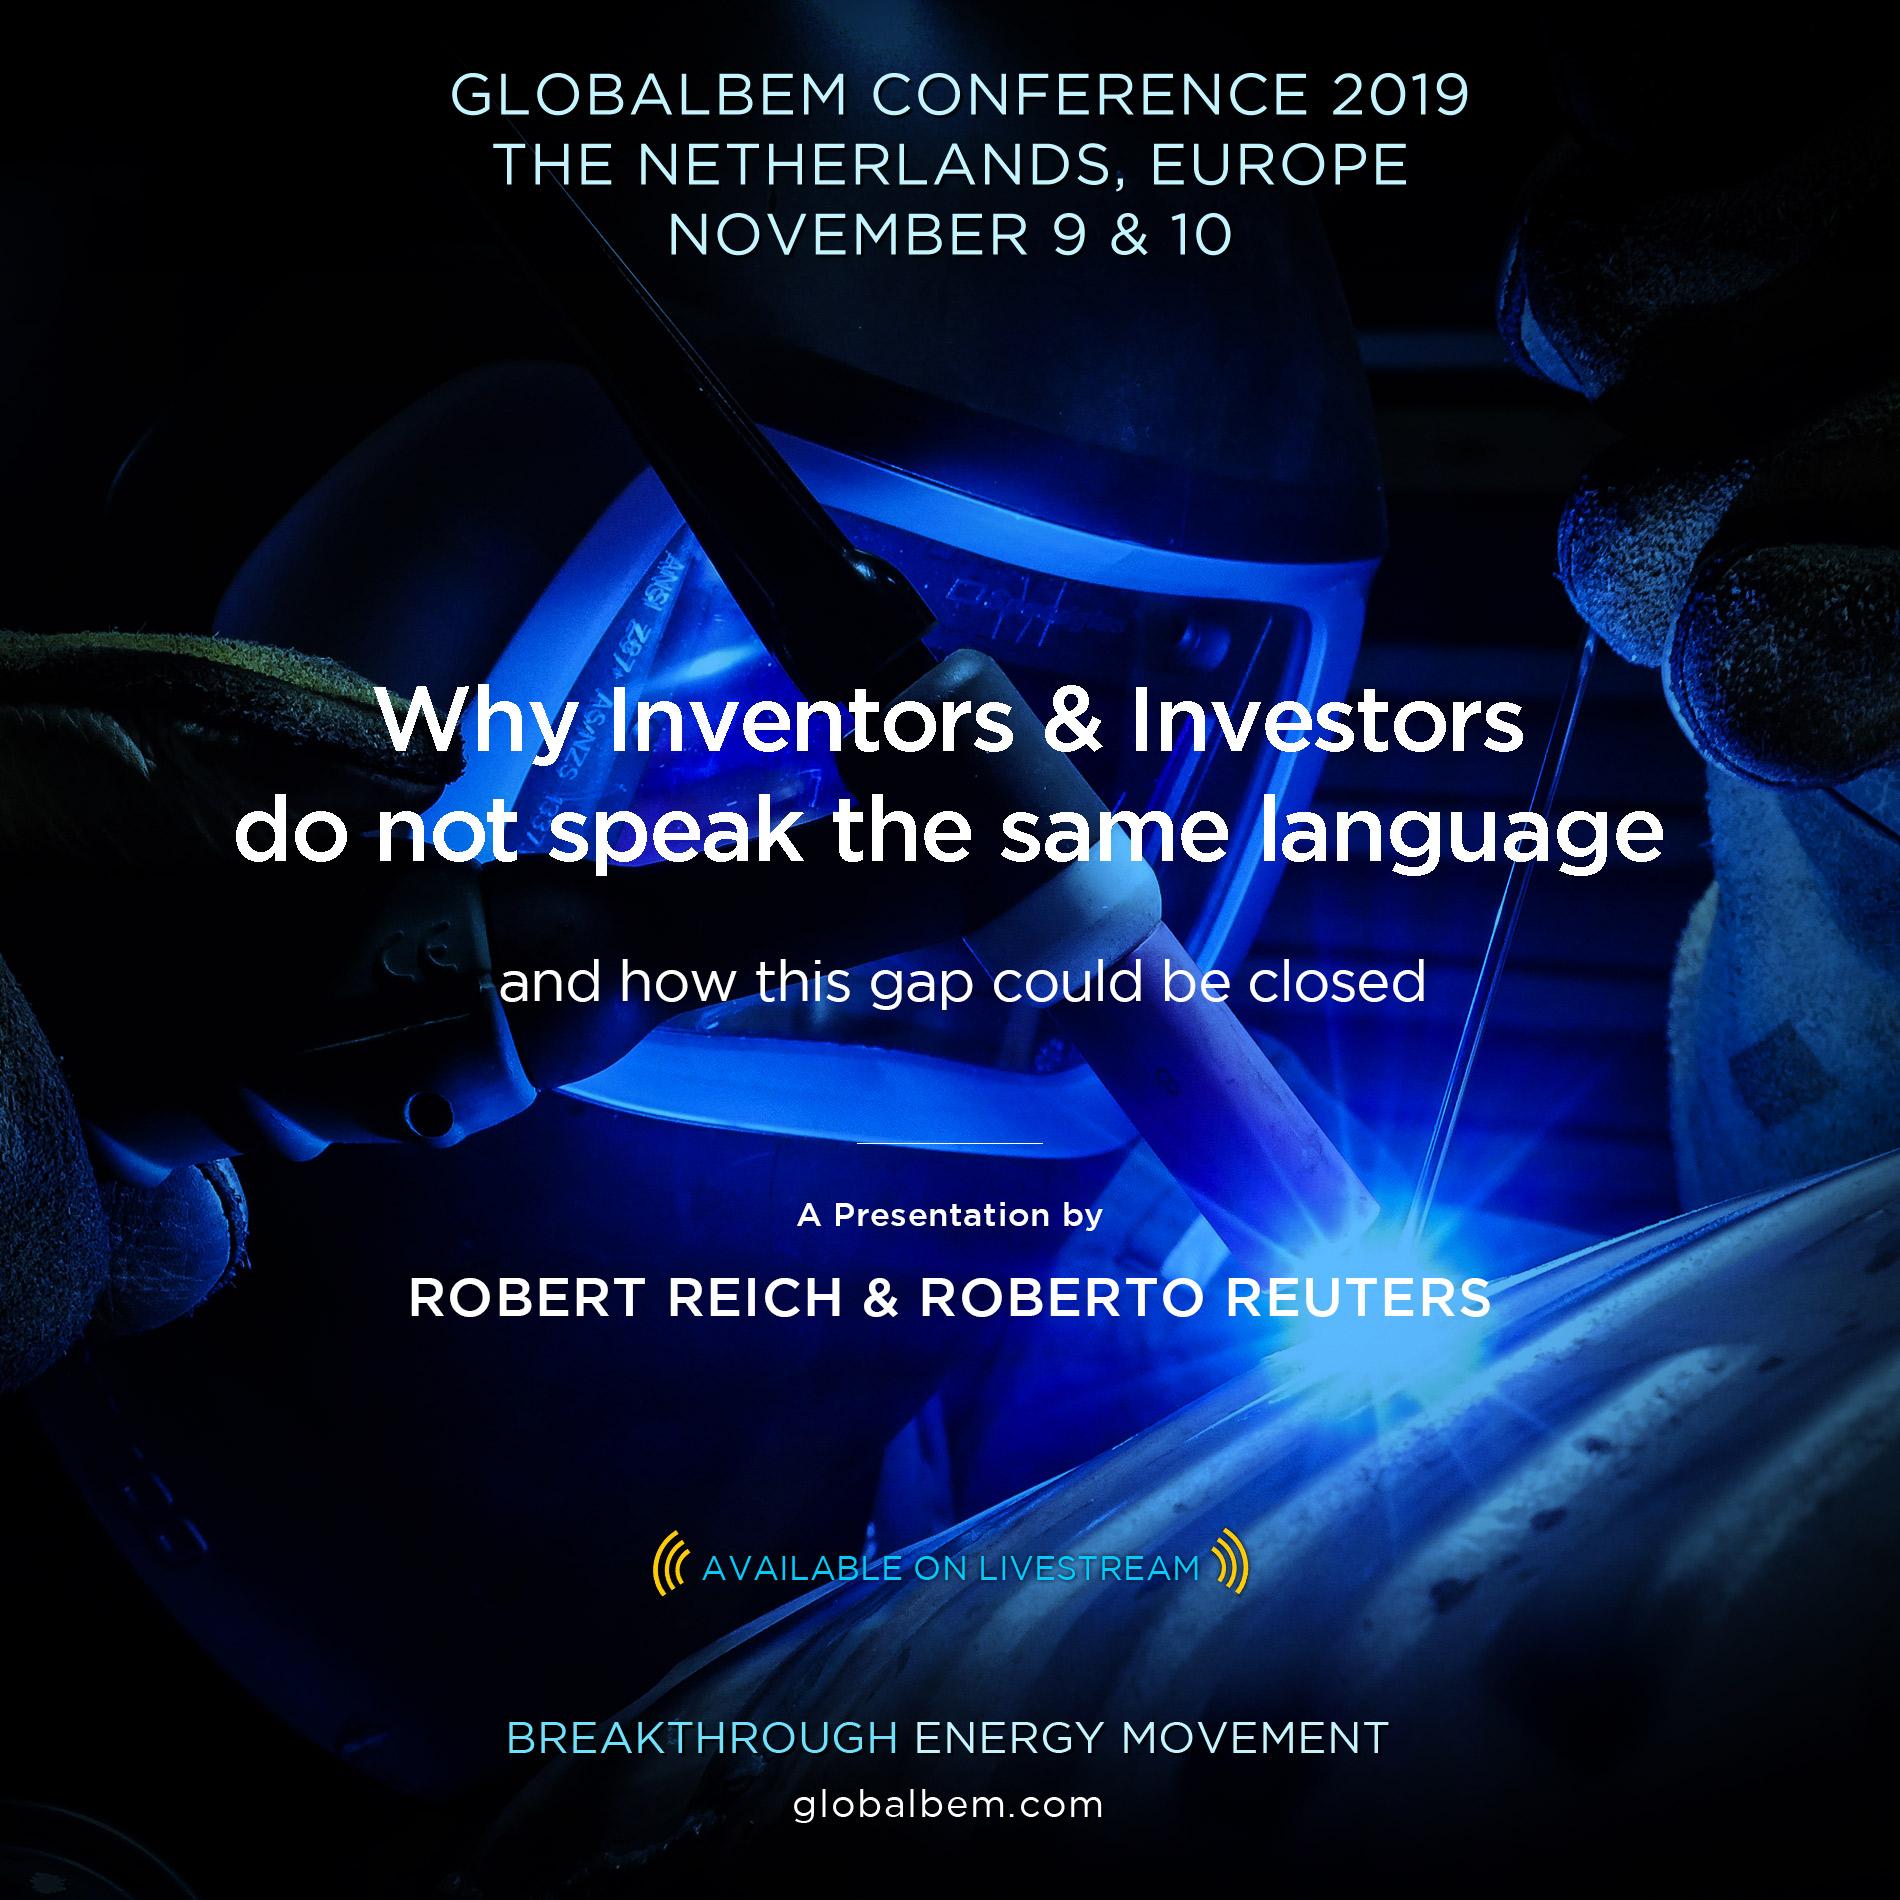 https://globalbem.com/wp-content/uploads/2019/10/151-BEM19-Robert-Reich-Roberto-Reuters.jpg